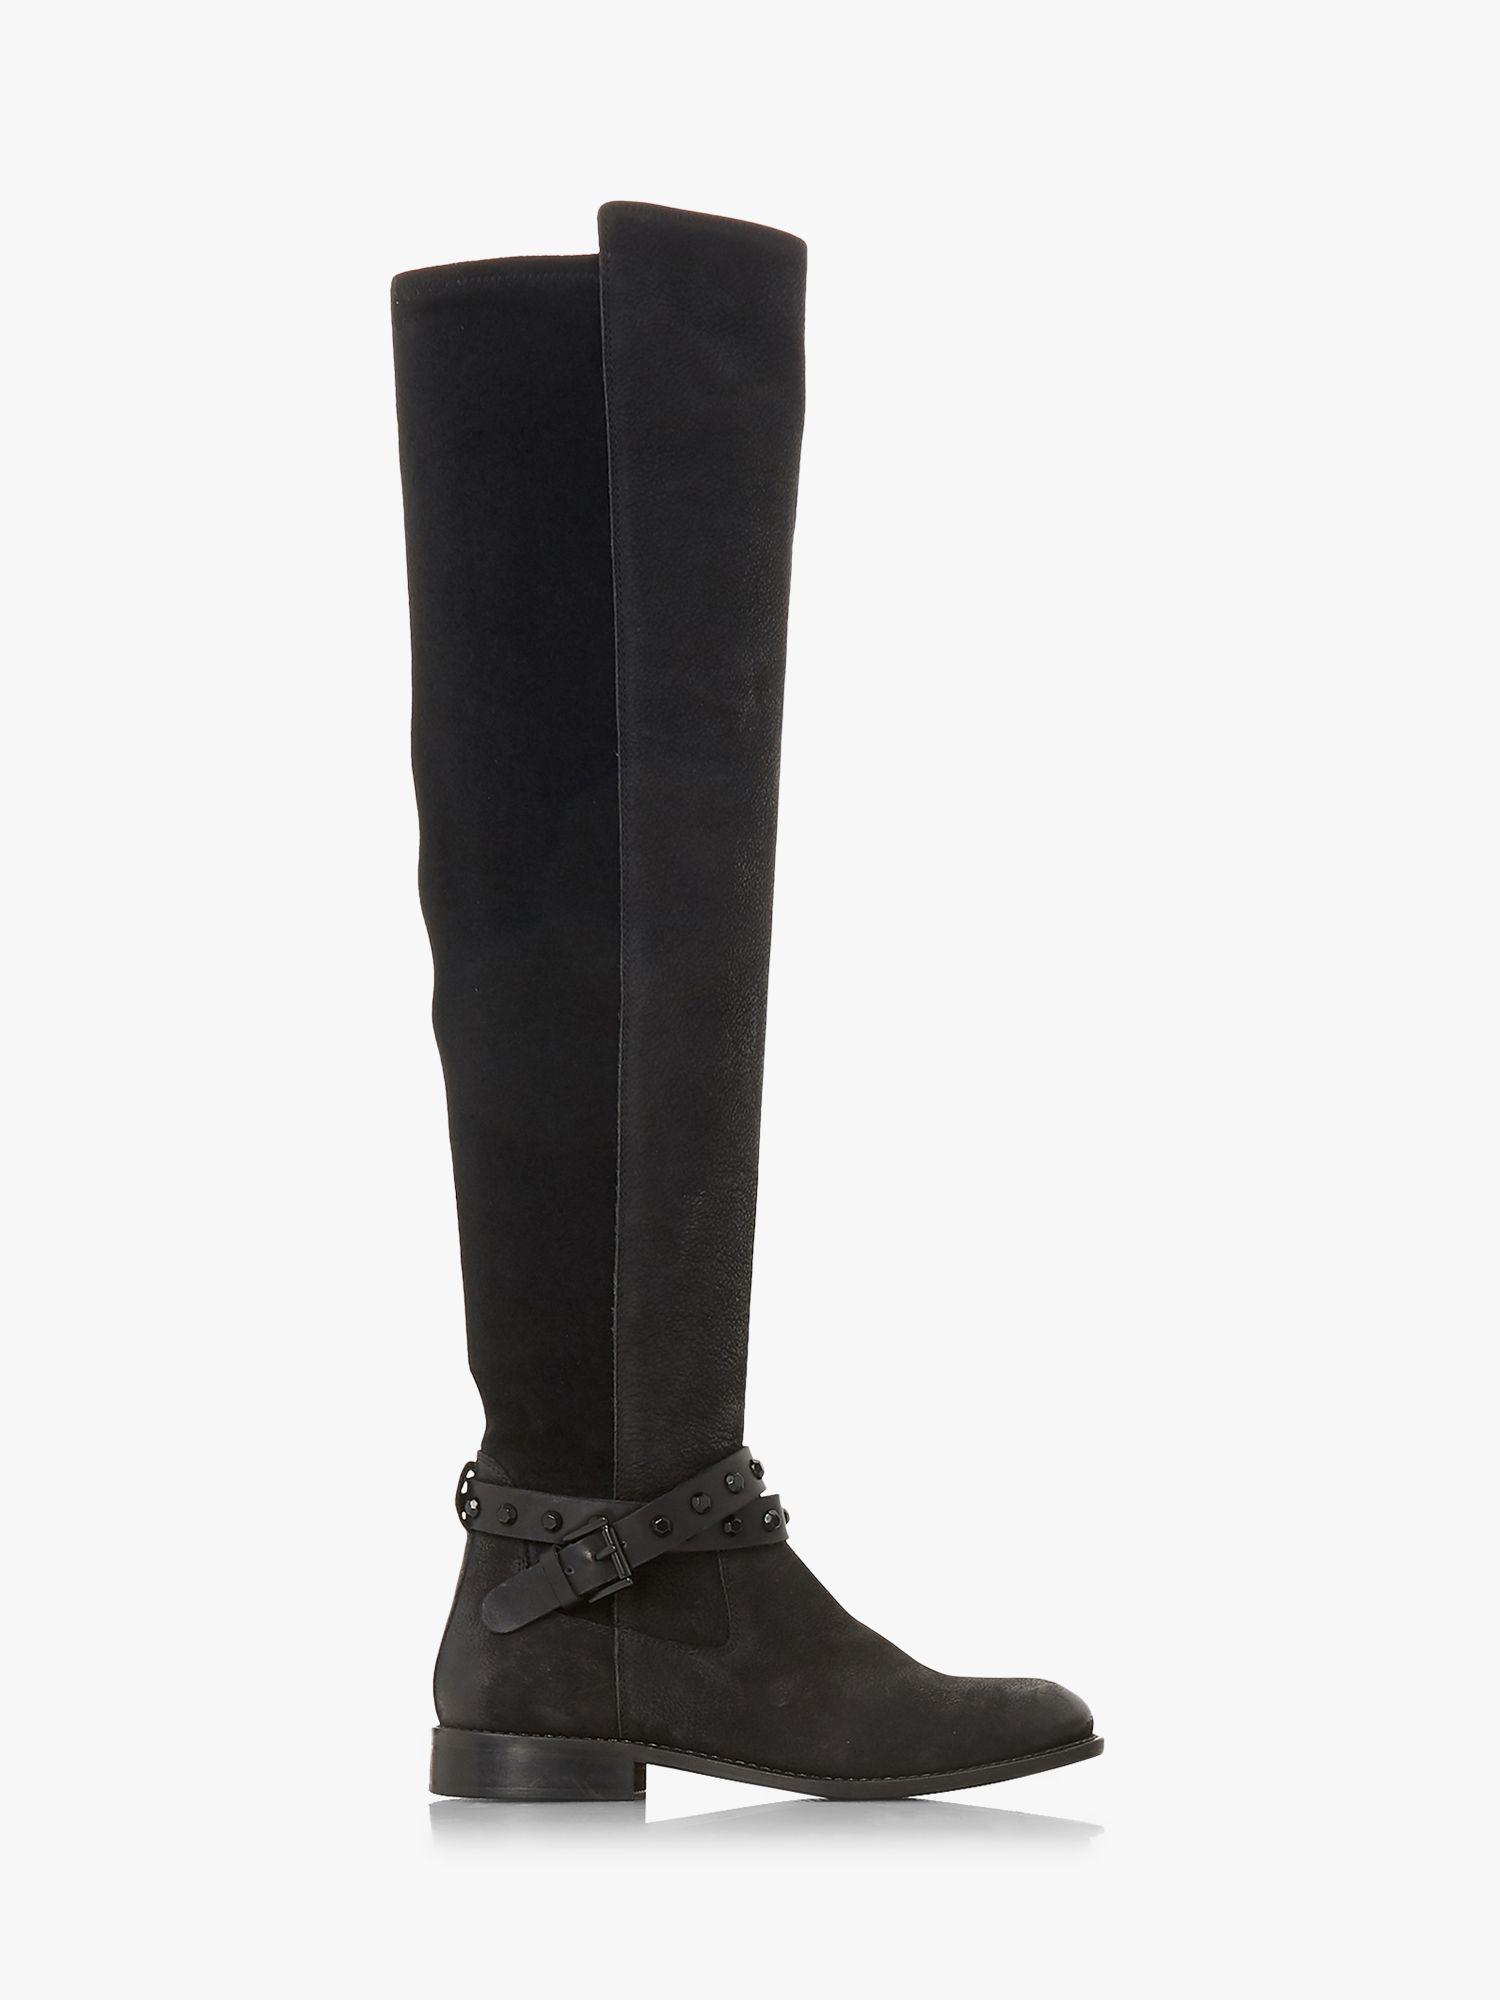 922c2691ad0 Bertie Takoon Knee High Boots